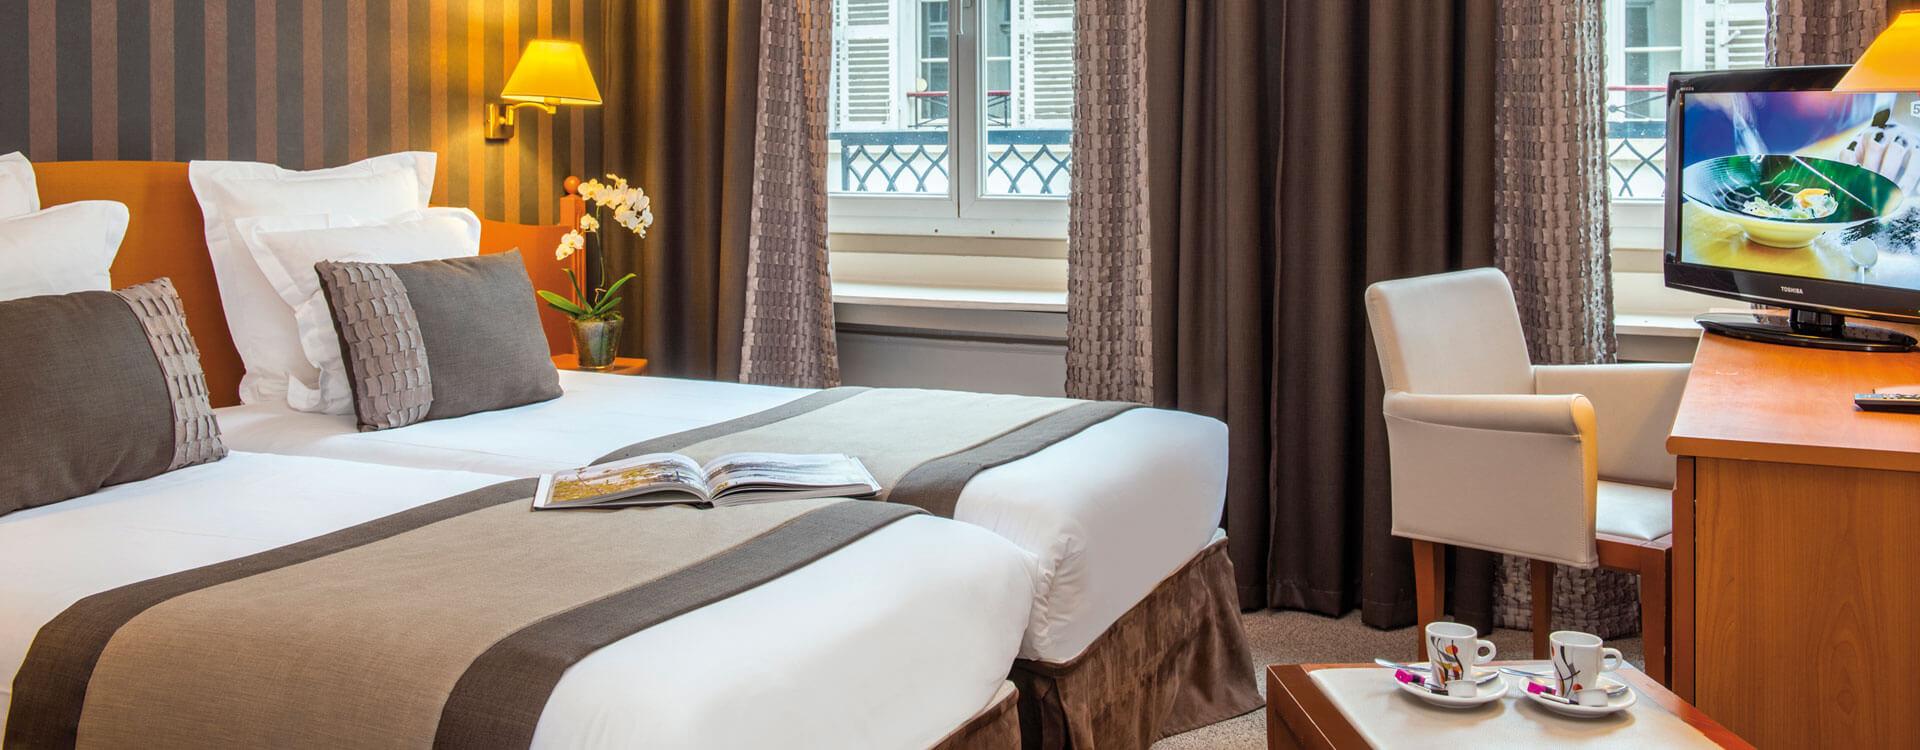 Chambre standard - Hôtel*** Paris Provinces Opéra